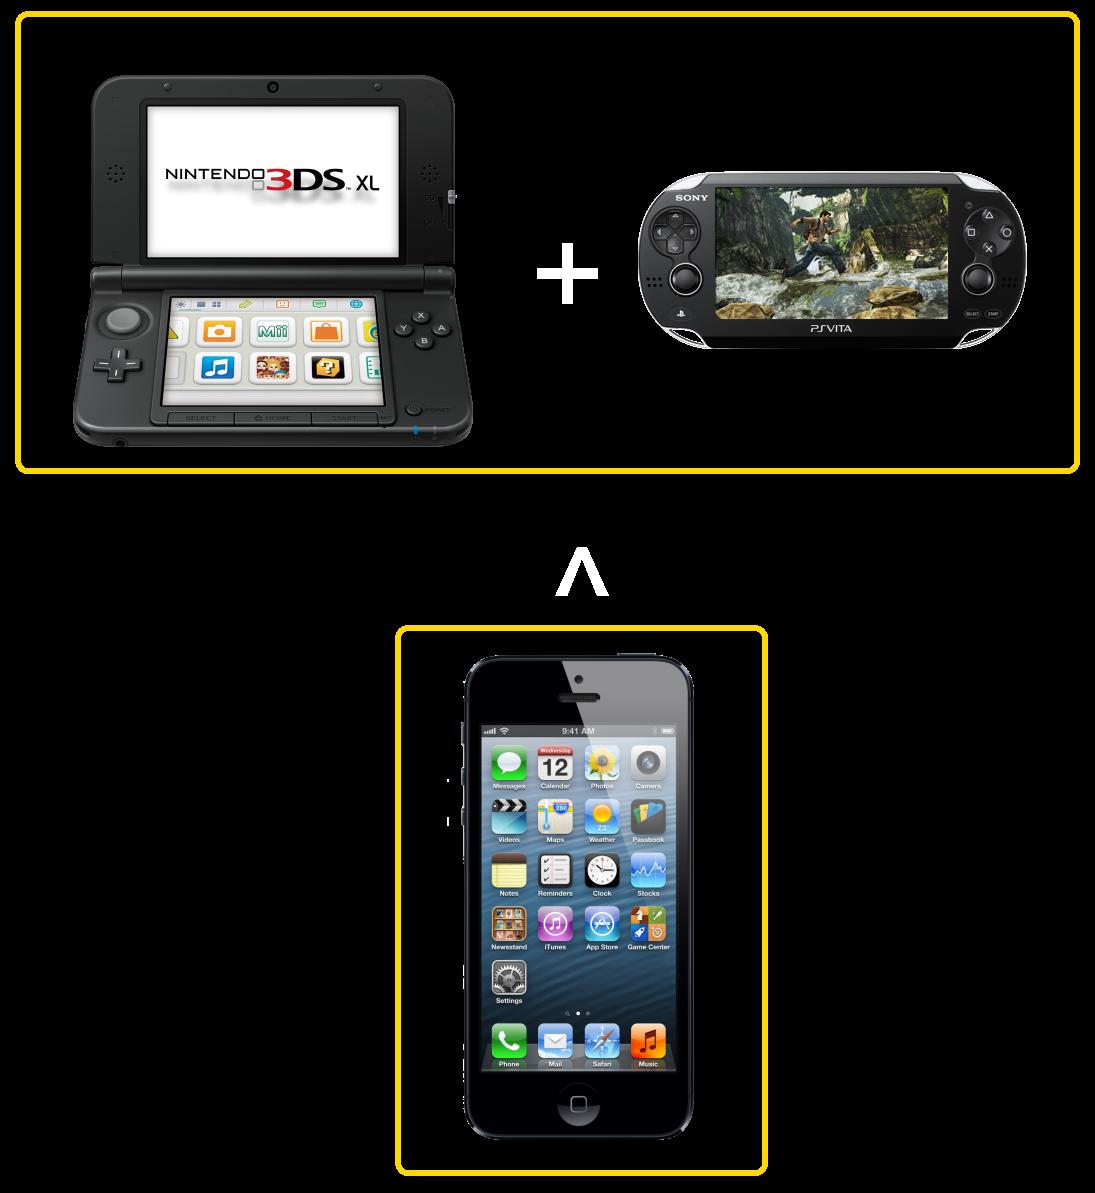 La's jargon: 攜帶型遊戲主機的主流改朝換代?掌上型遊戲機在美國消費市場的 2013 年第一季輸給手機遊戲